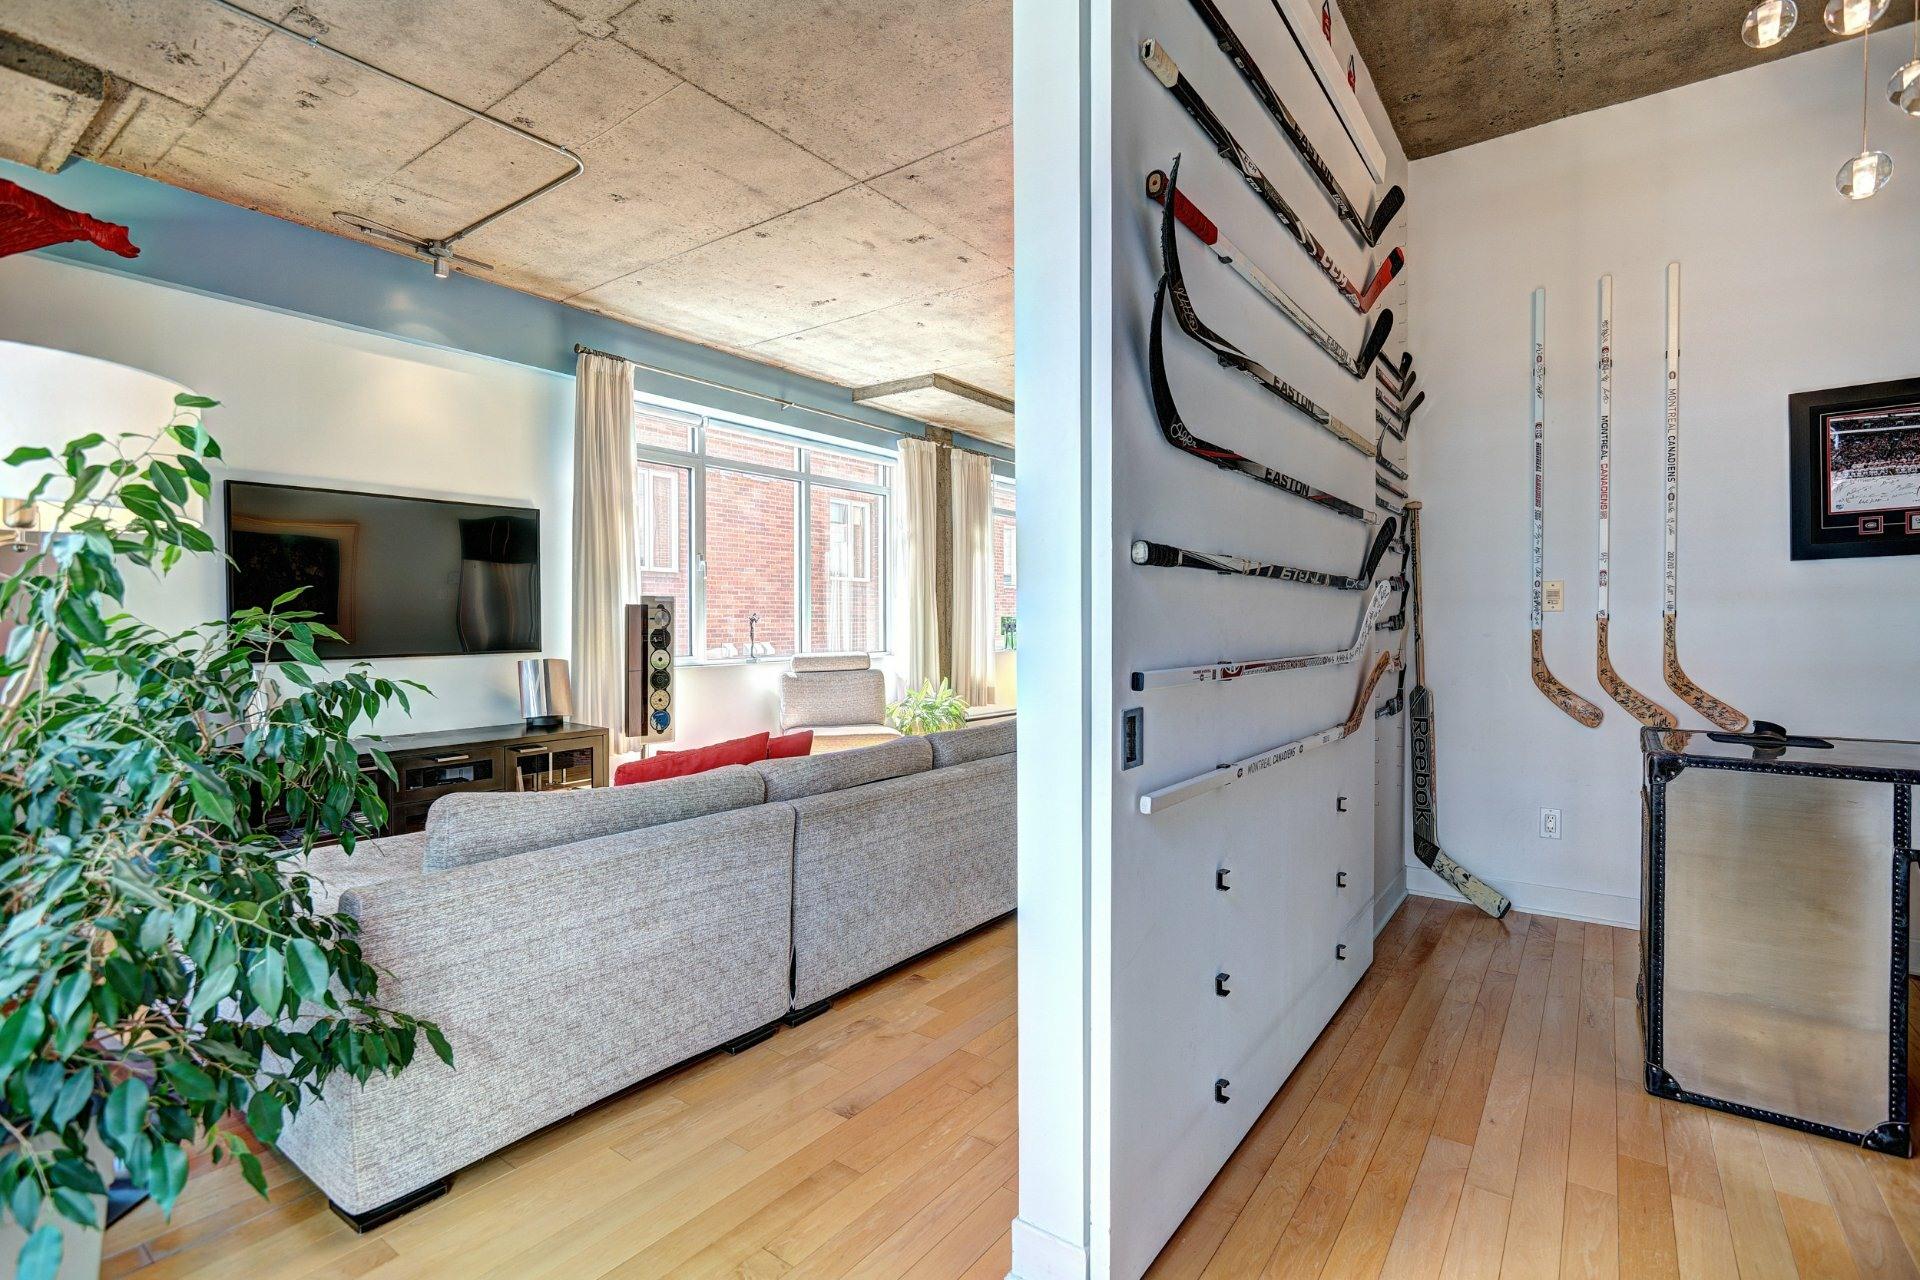 image 27 - Appartement À louer Villeray/Saint-Michel/Parc-Extension Montréal  - 8 pièces